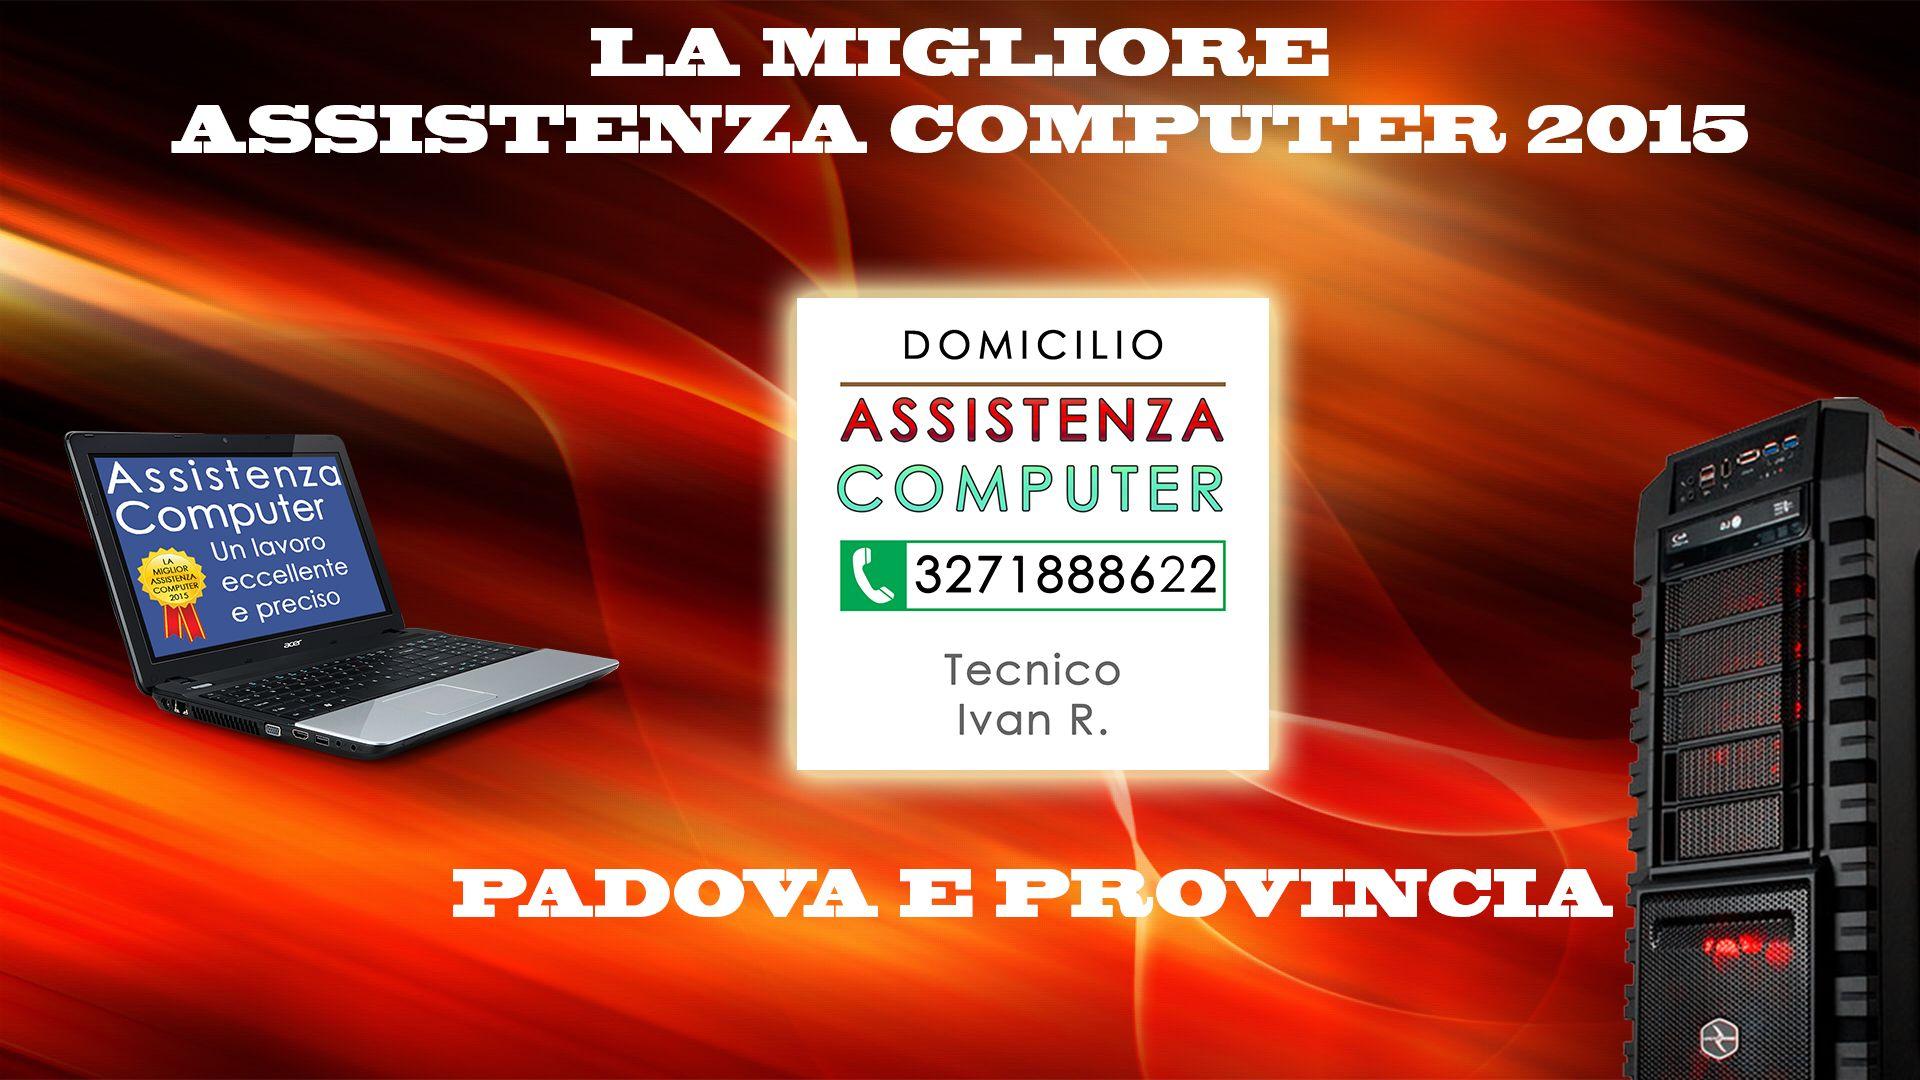 Assistenza-computer-Padova-la-miglior-assistenza-computer-2015